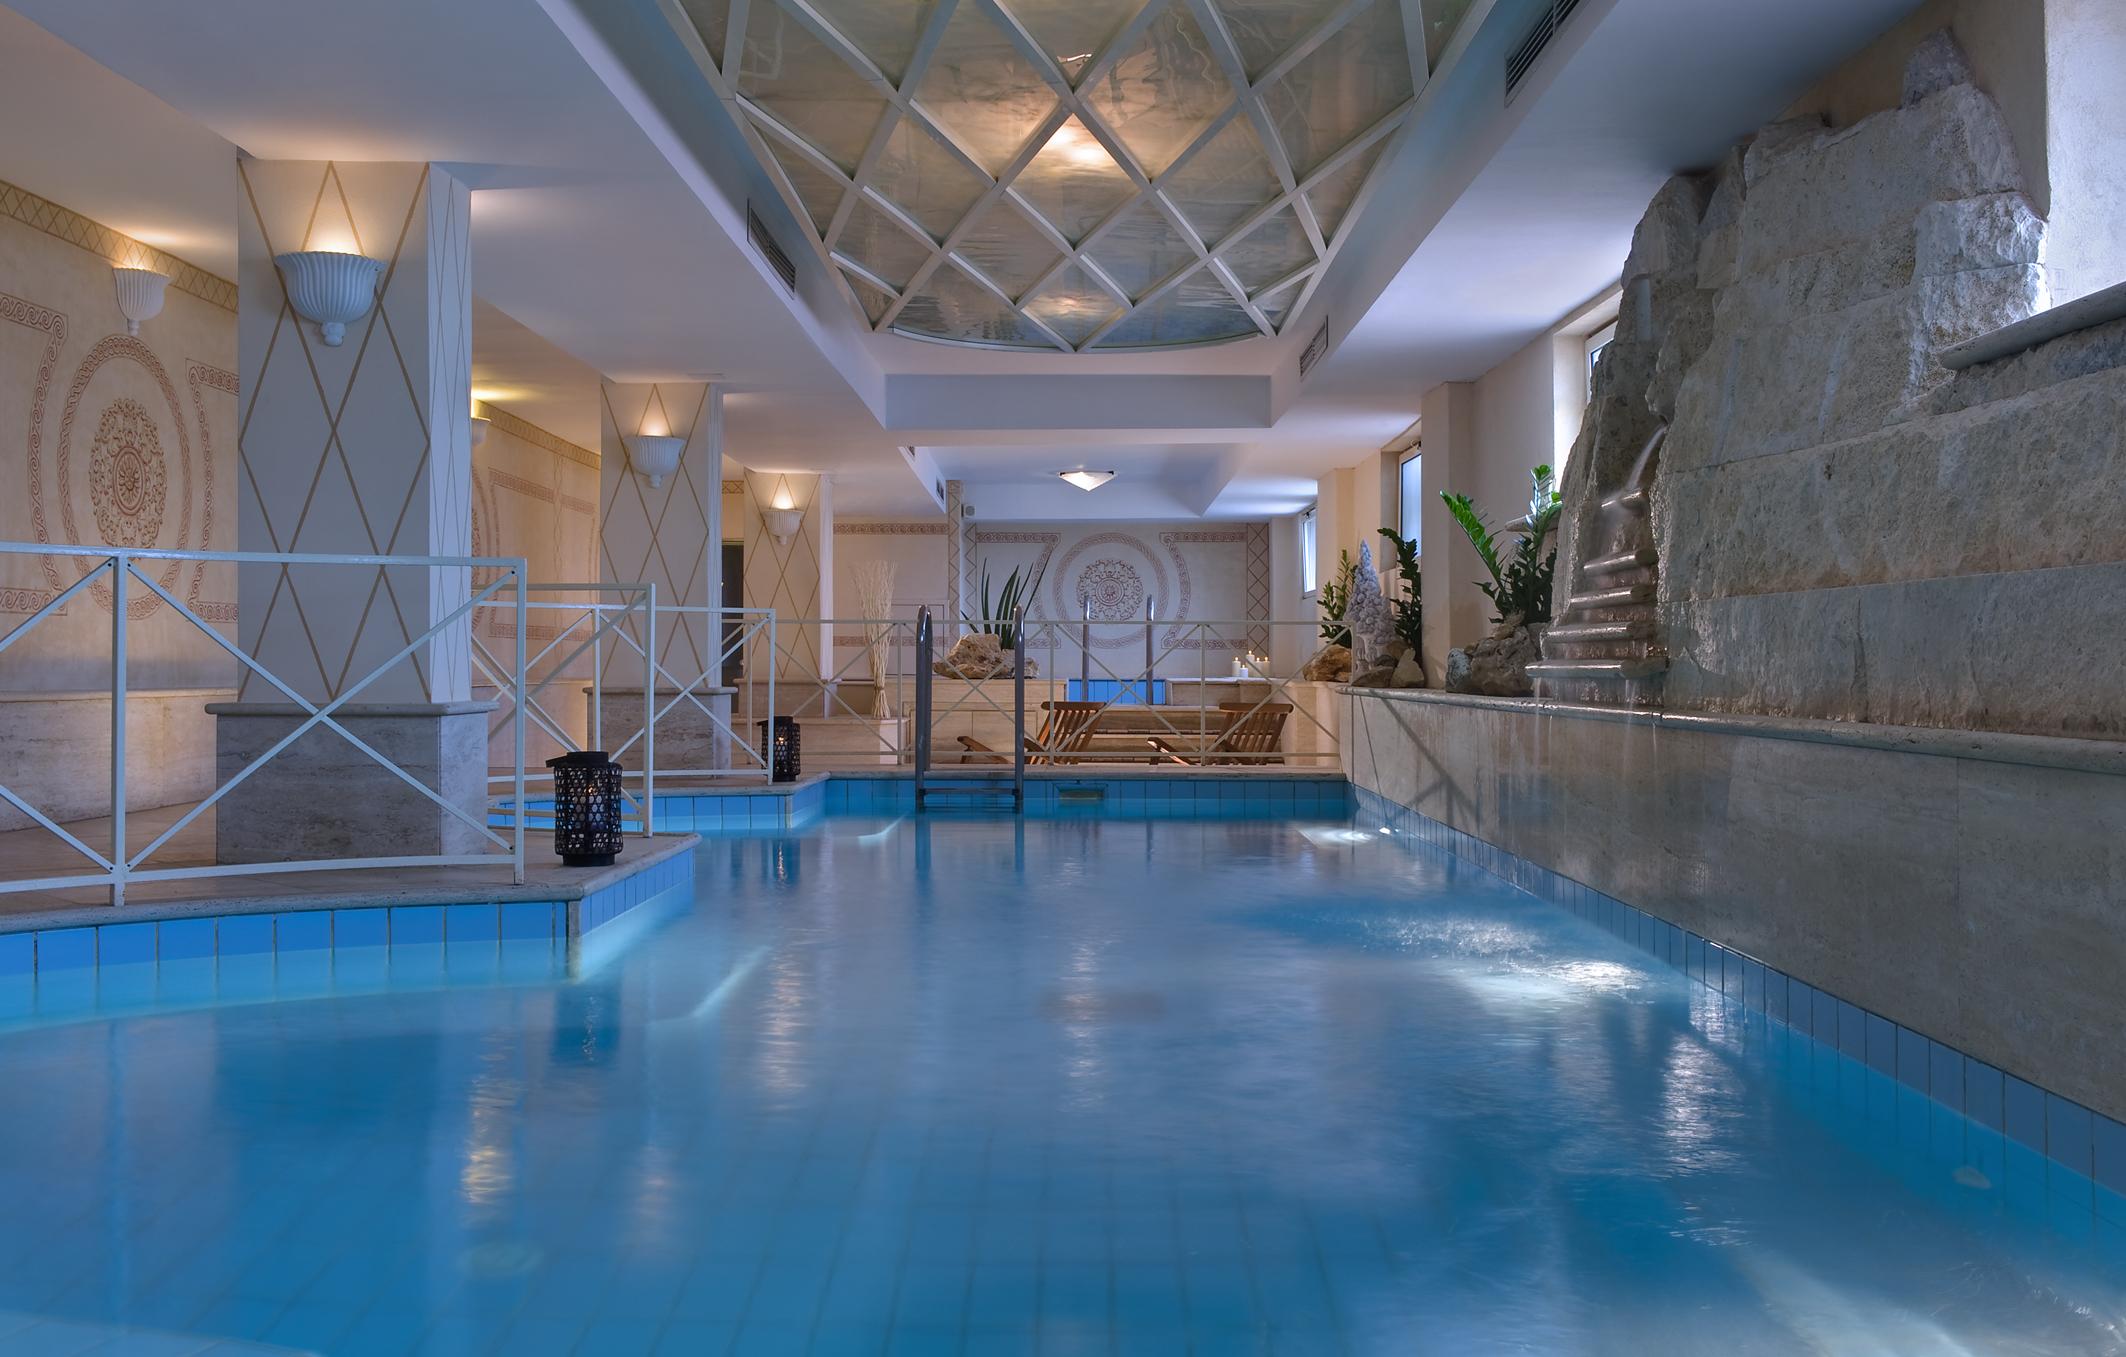 mc-pool-indoor